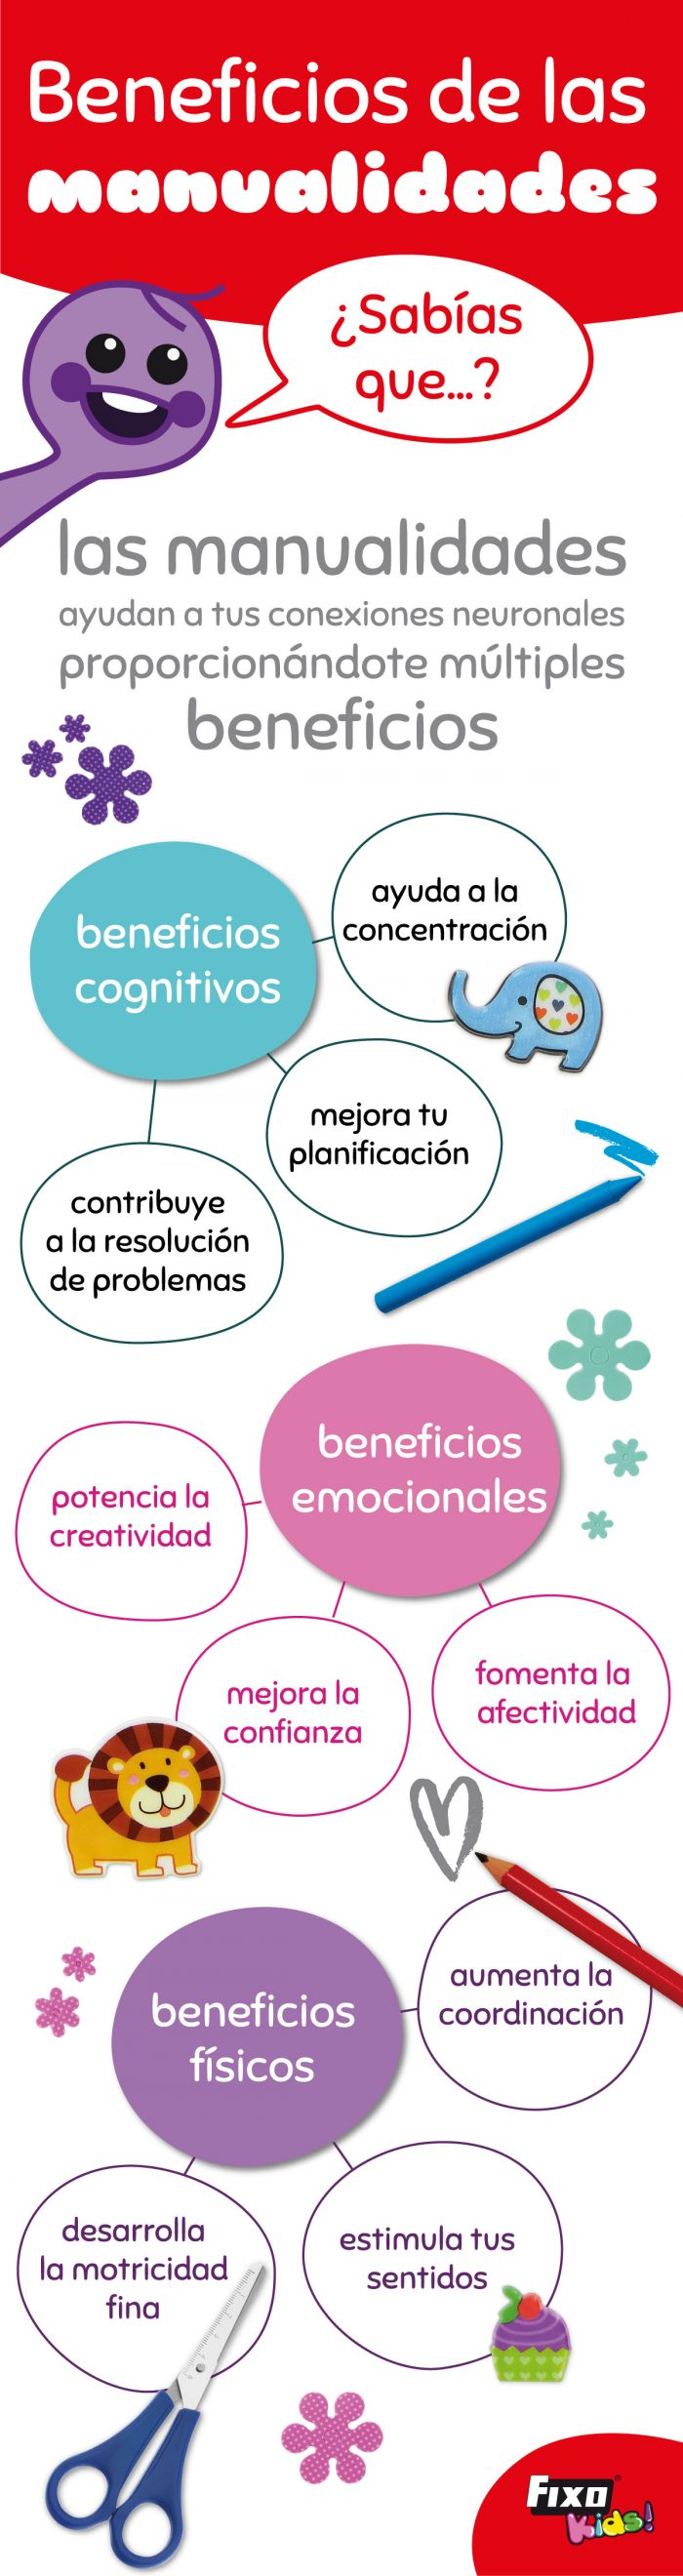 9 beneficios de las manualidades para niños.